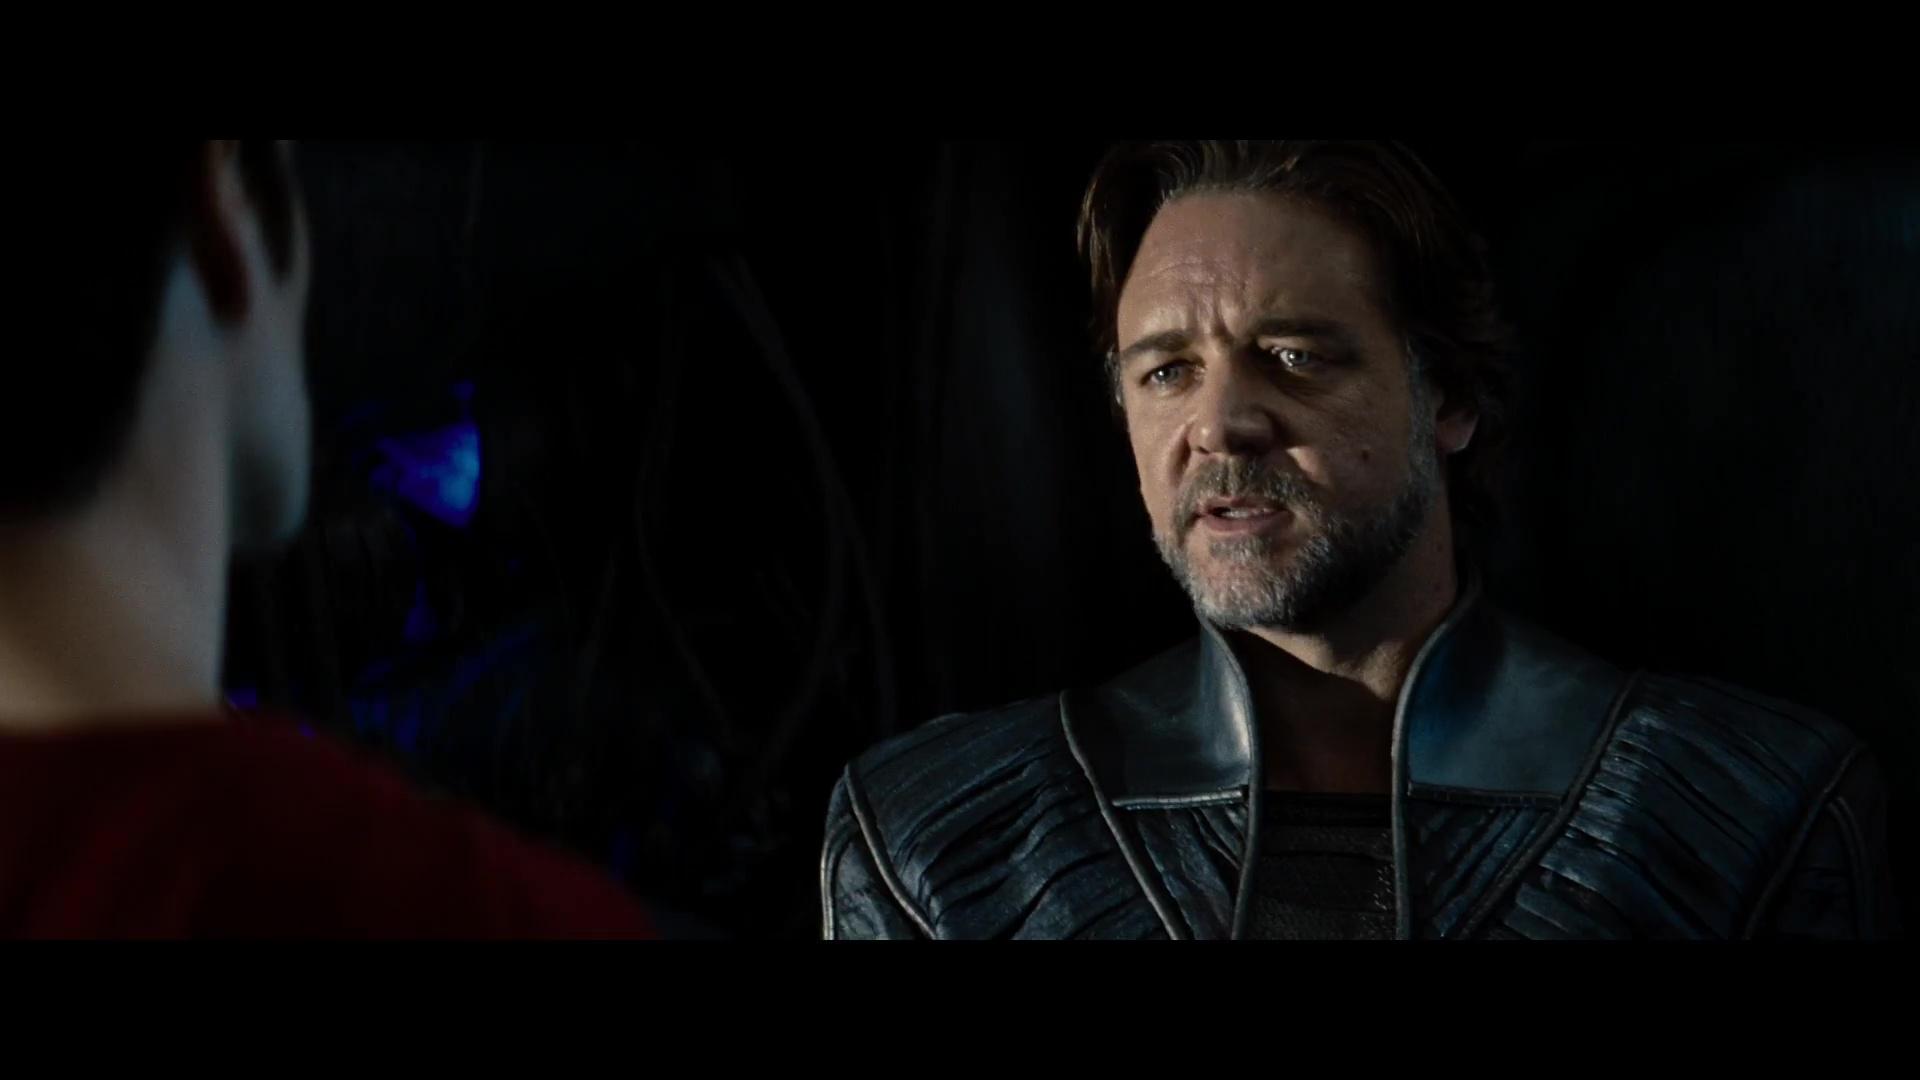 El Hombre De Acero 1080p Lat-Cast-Ing[Ficcion](2013)